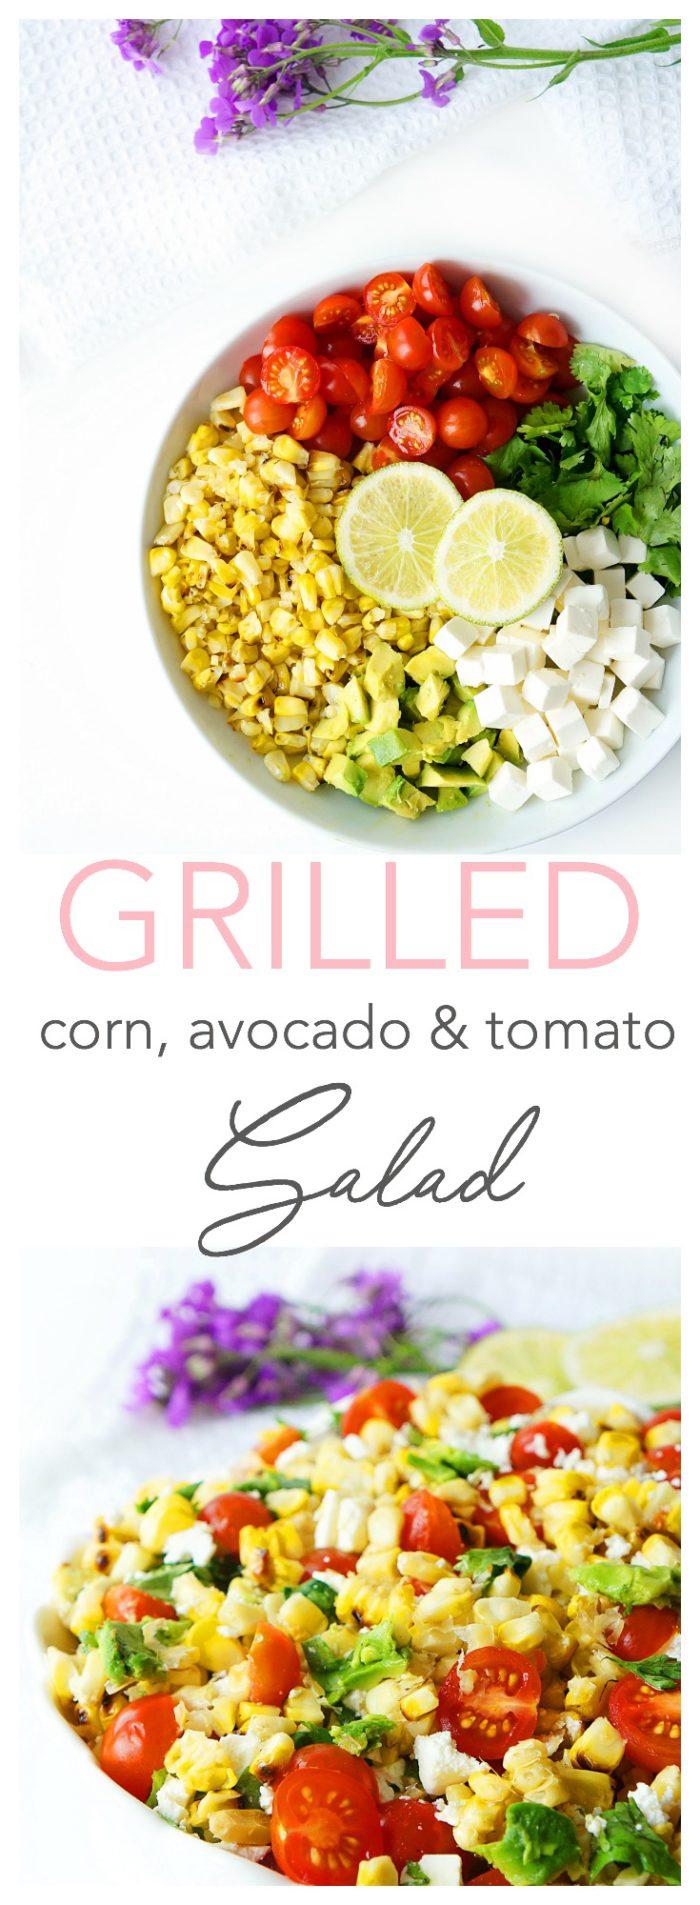 Salade de maïs, tomate et avocat grillée avec une vinaigrette au miel et au citron vert &quot;width =&quot; 700 &quot;height =&quot; 1905 &quot;/&gt; <span/></p></div></pre><p><a href=